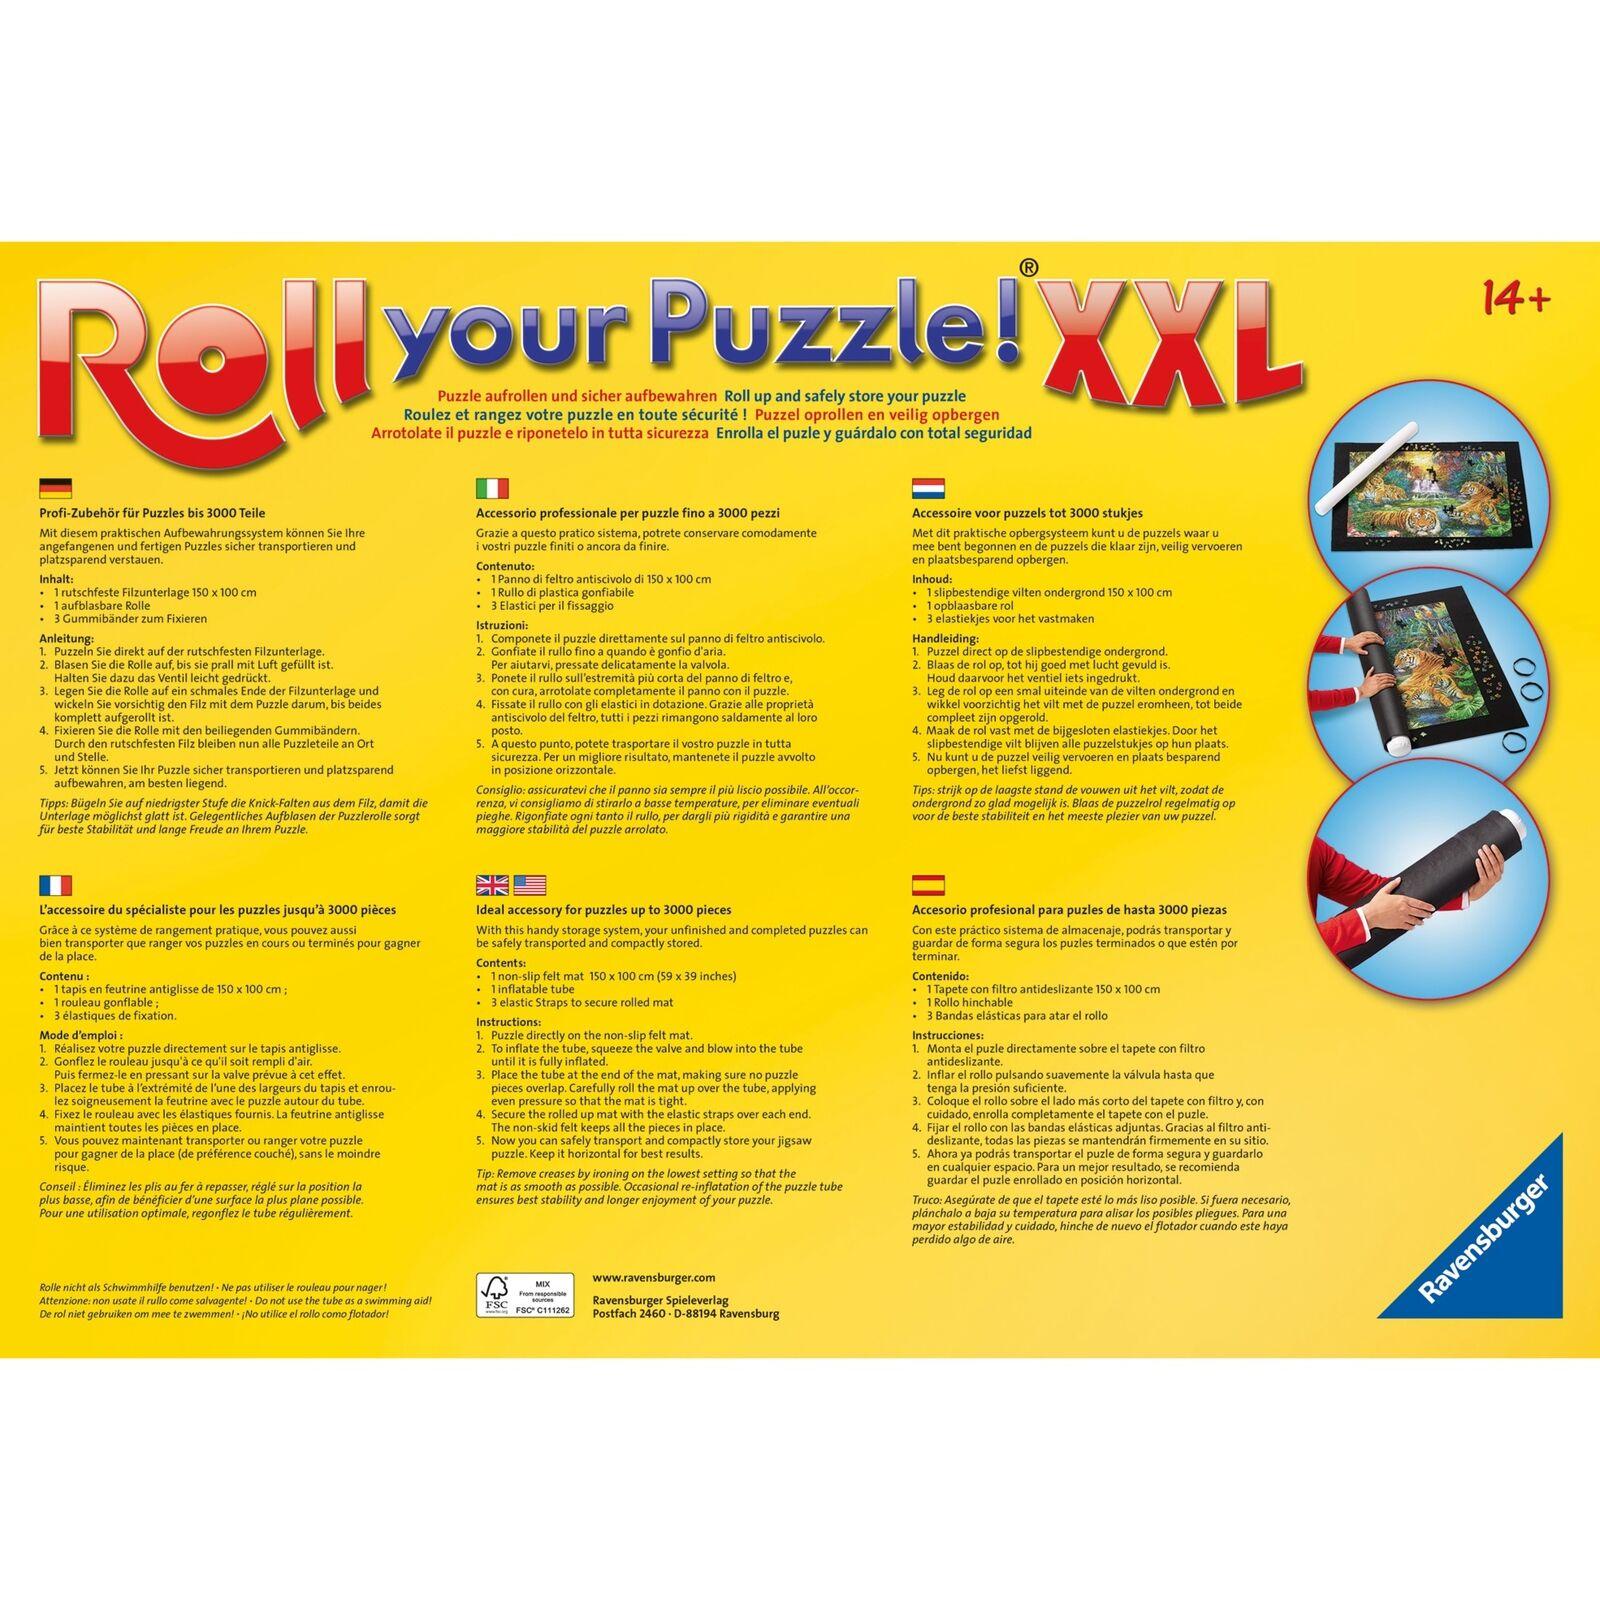 Ravensburger 17961 Roll Your Puzzle XXL günstig kaufen Puzzles Geduldspiel